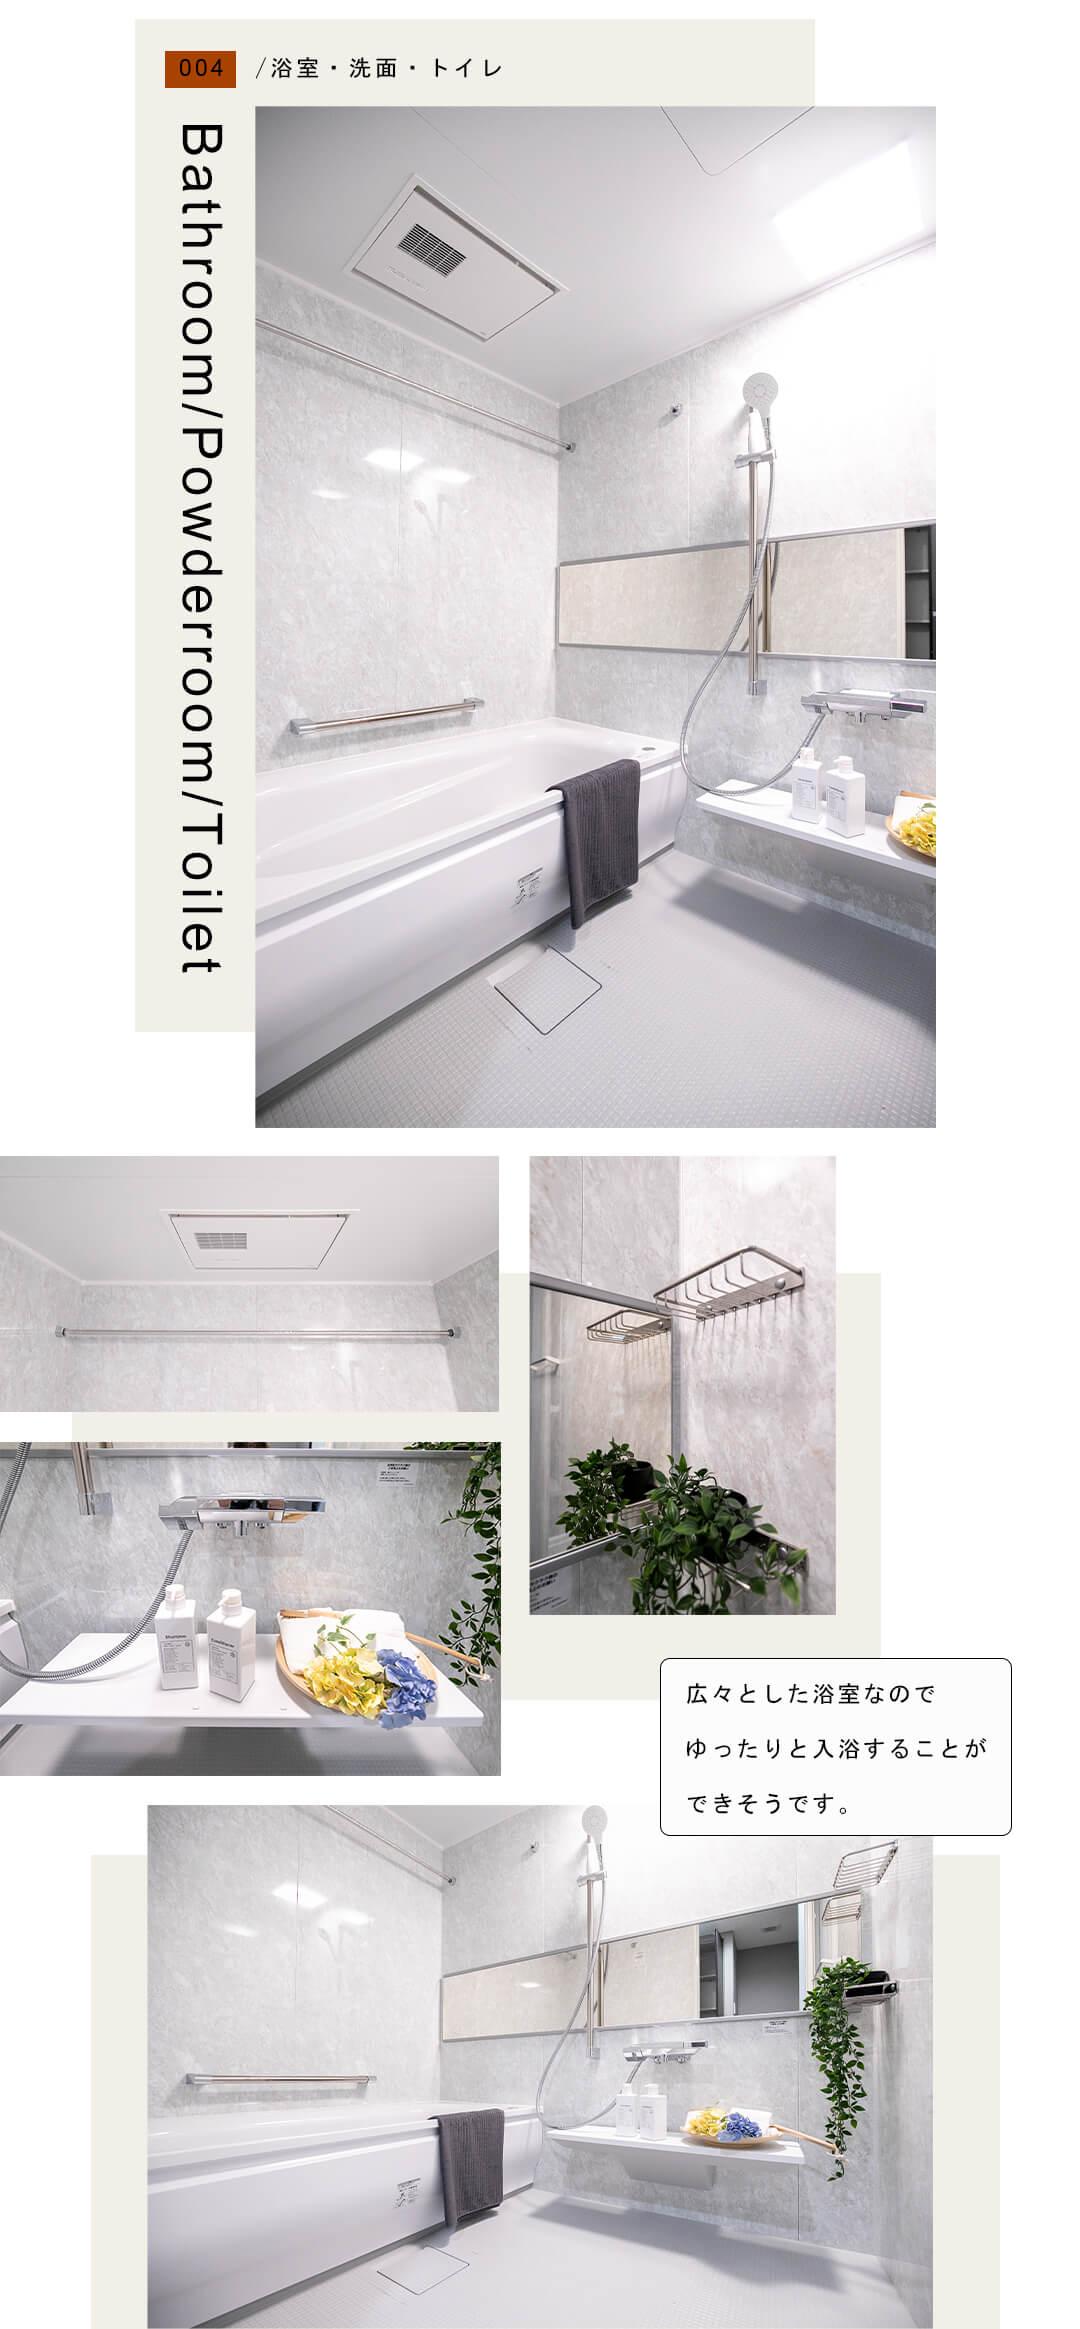 セブンフォレストヒルーメイプルコートの浴室